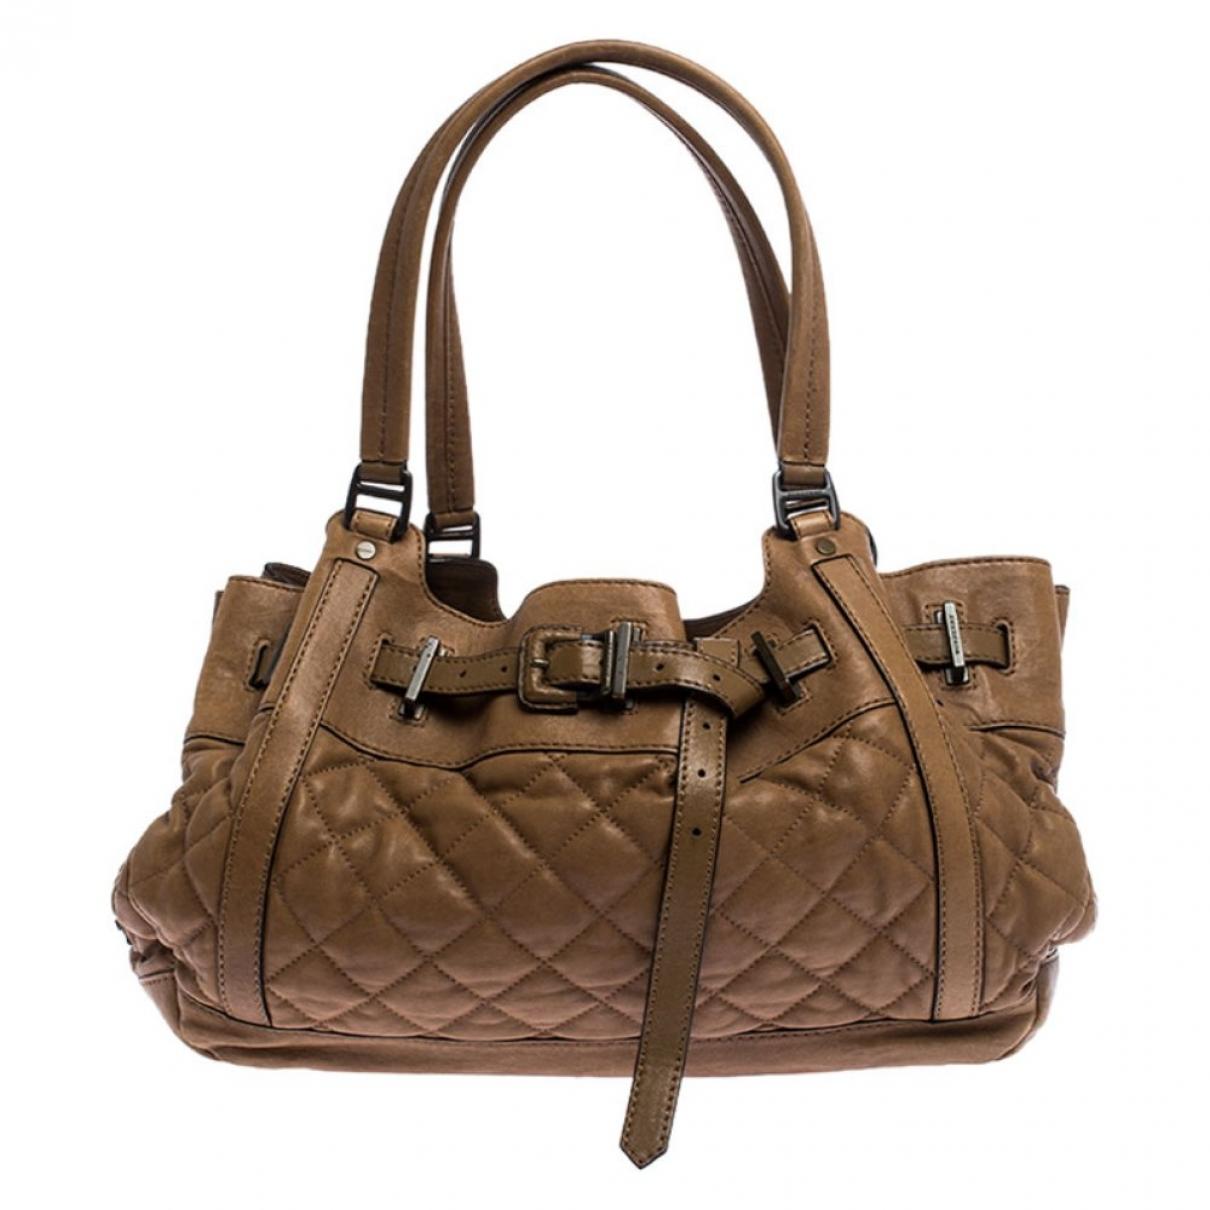 Burberry \N Handtasche in  Braun Leder